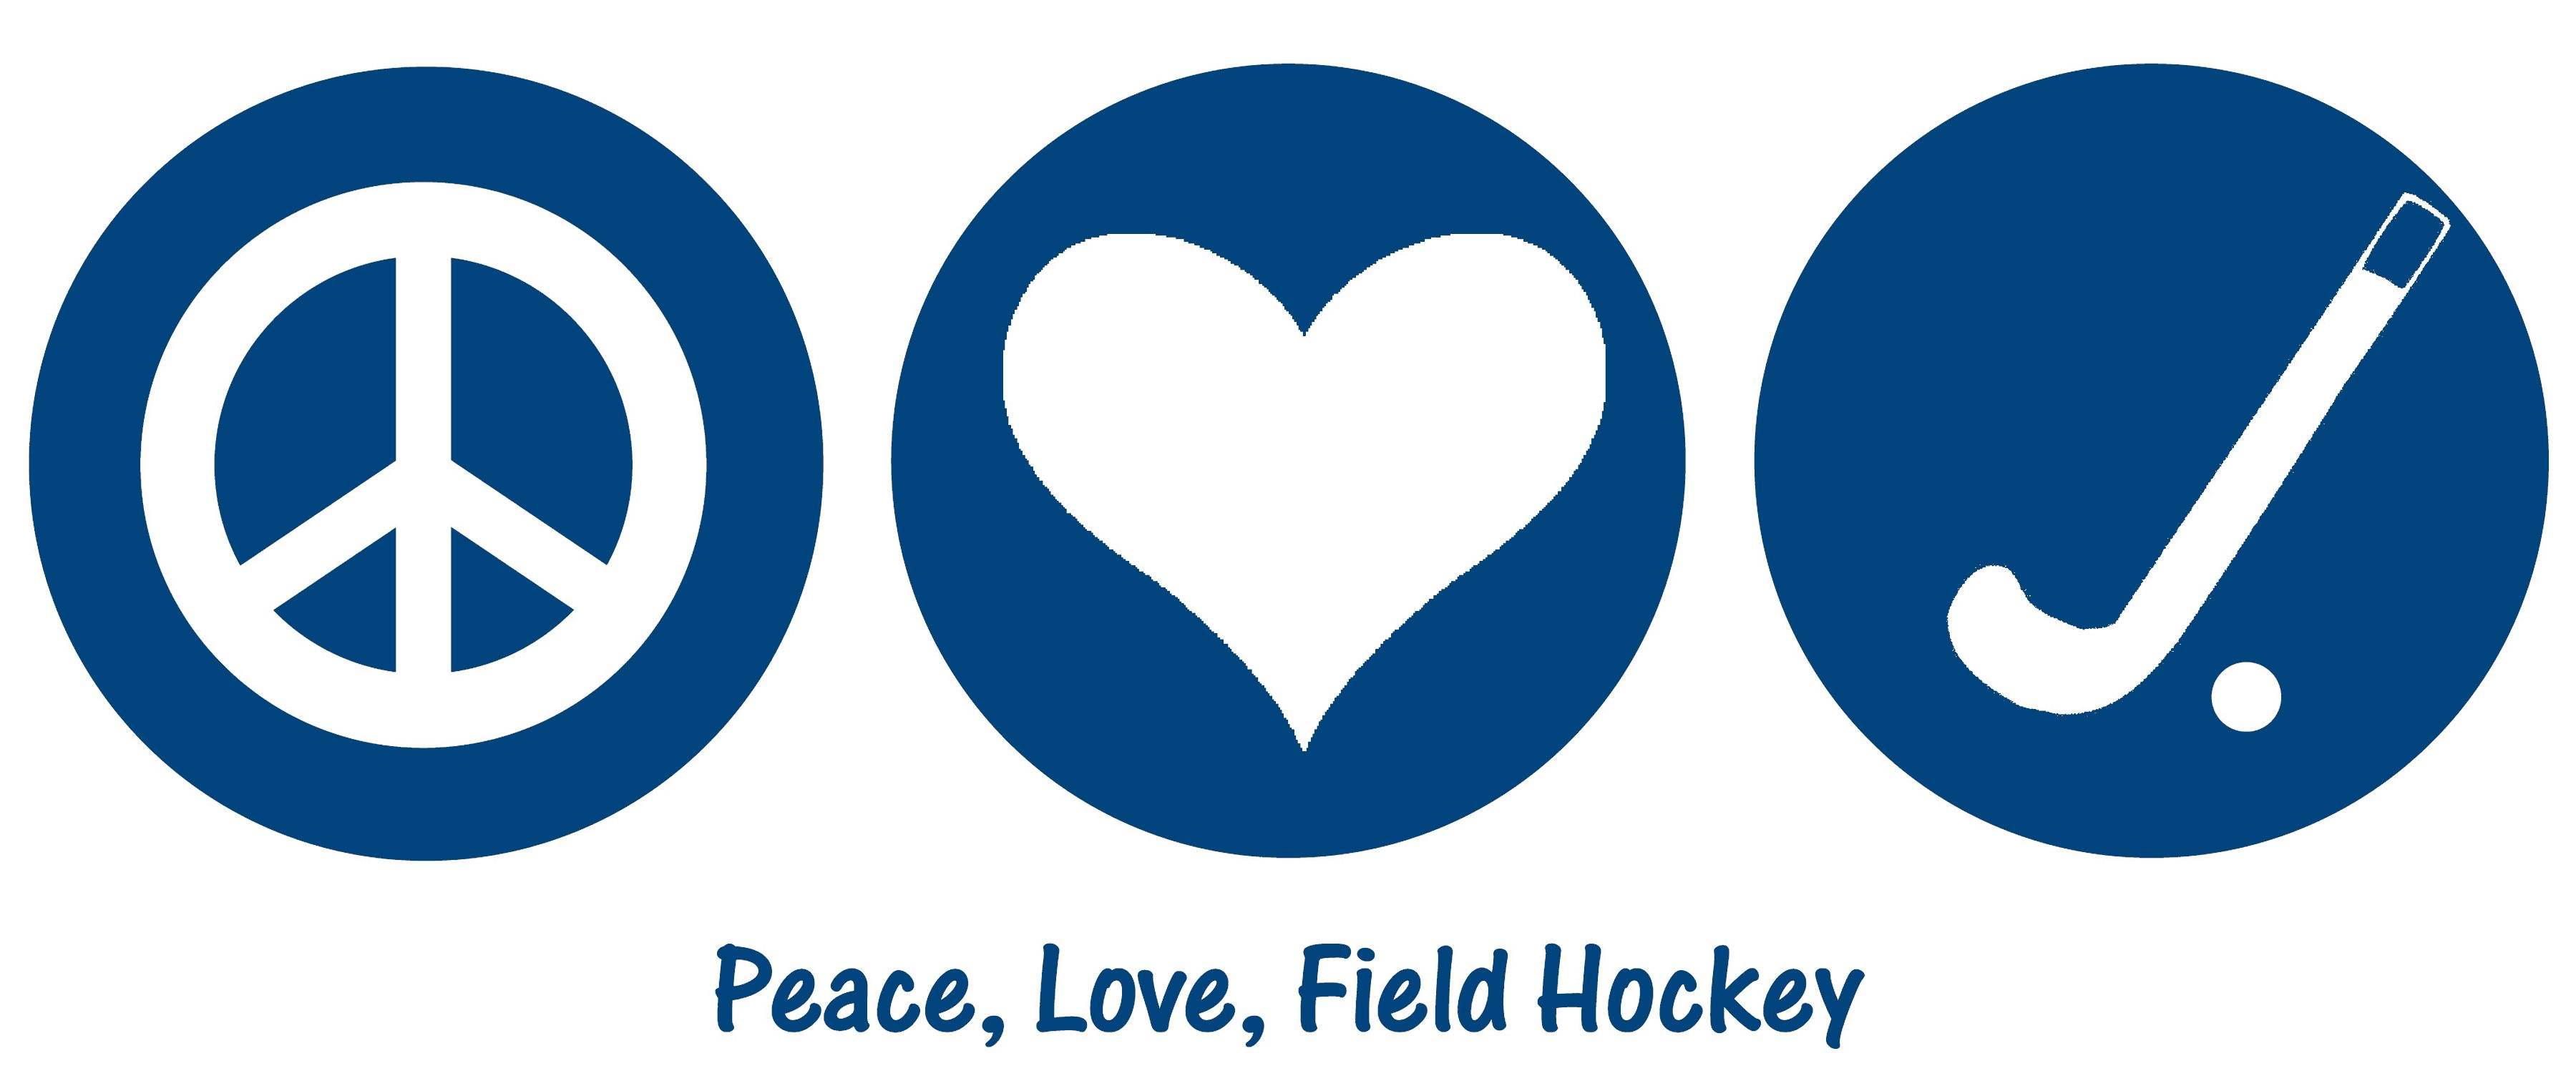 Field Hockey Clinics North County Sports Field Hockey Hockey Image Club